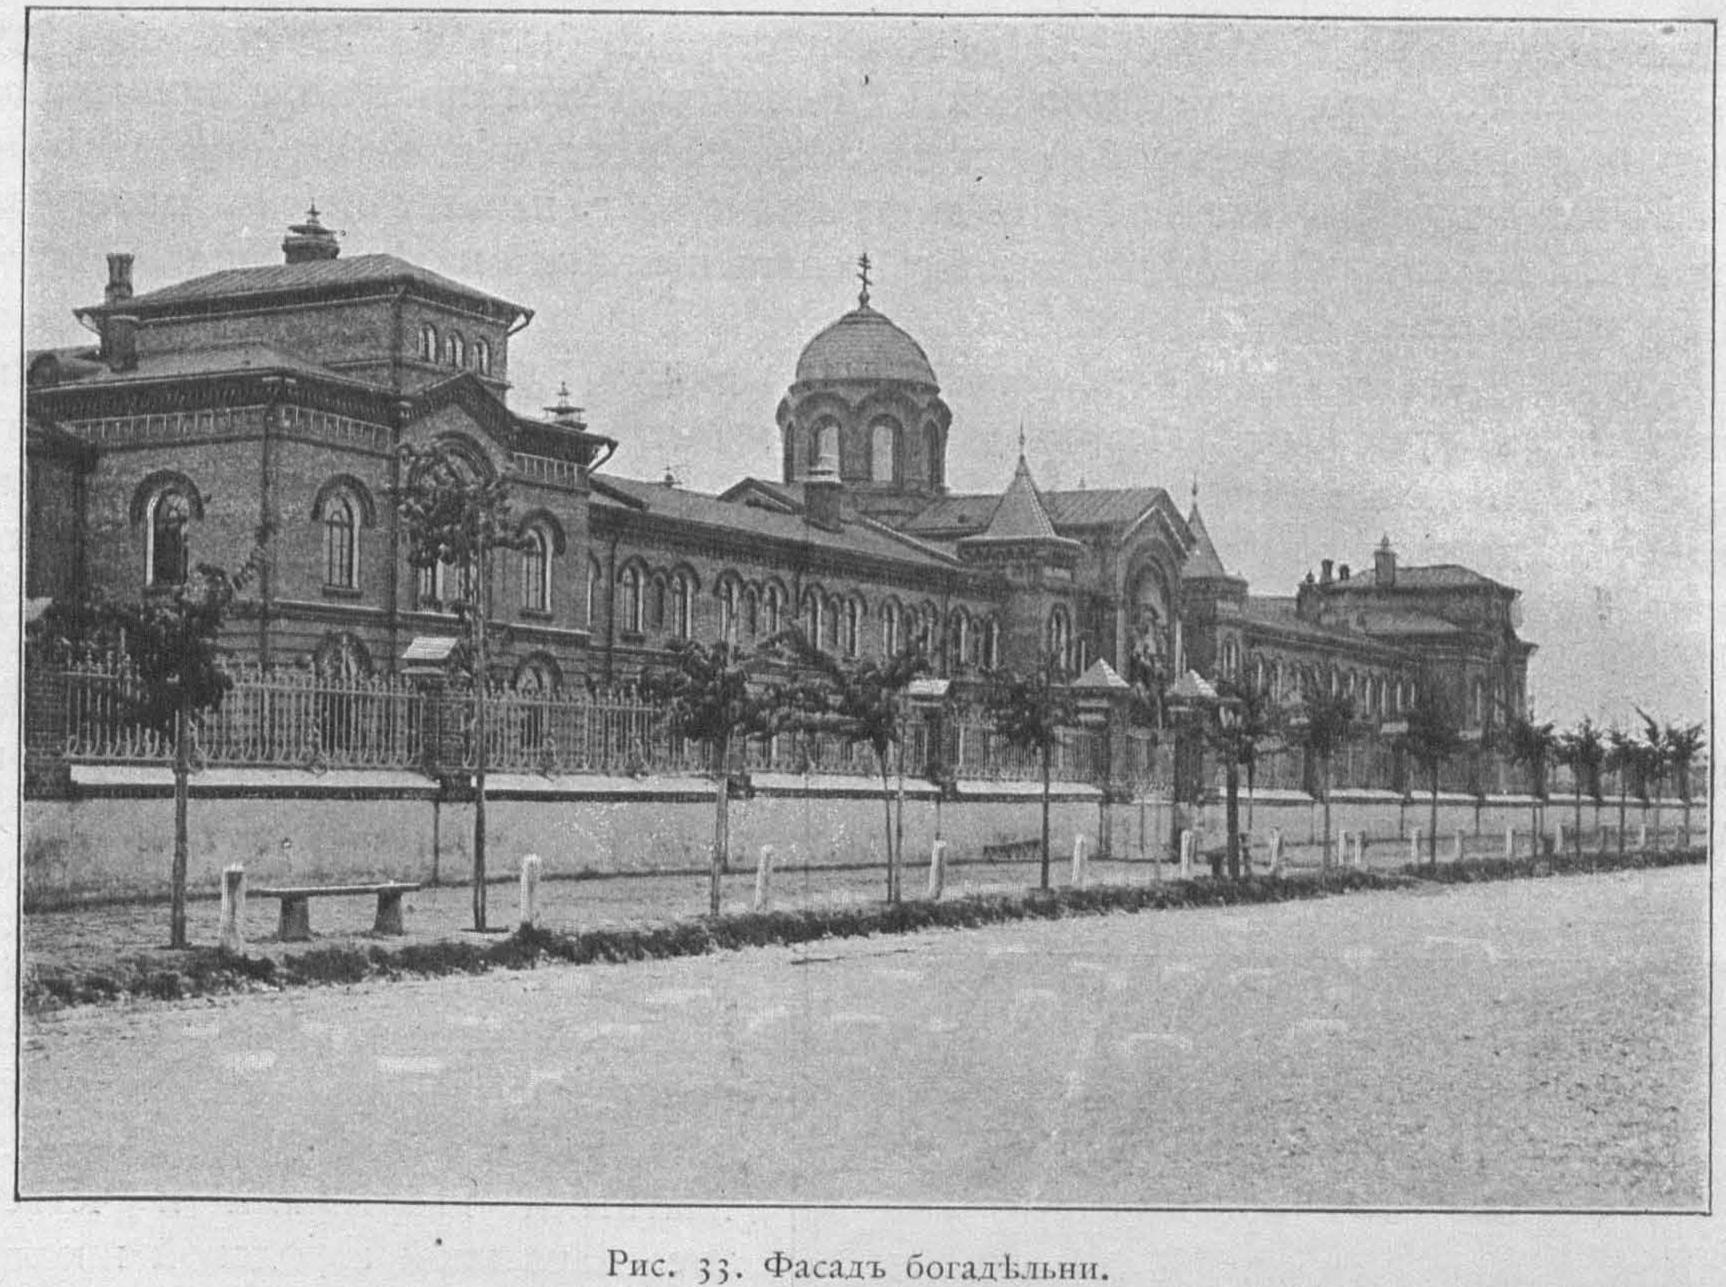 Дом призрения имени бр. Н., П., А. и А. Боевых. Фасад богадельни